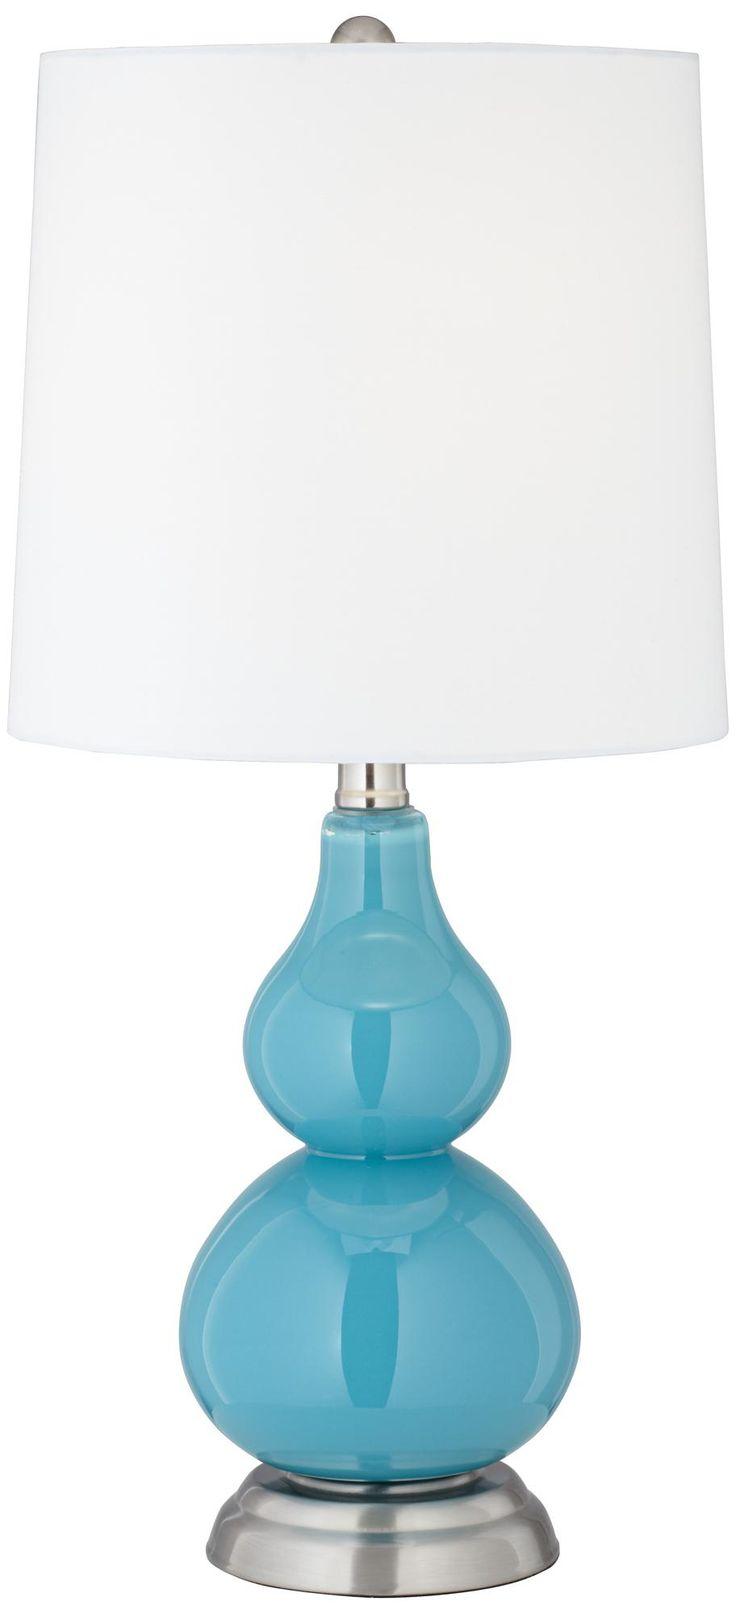 257 best Cayden's Bedroom images on Pinterest | Lamps ...